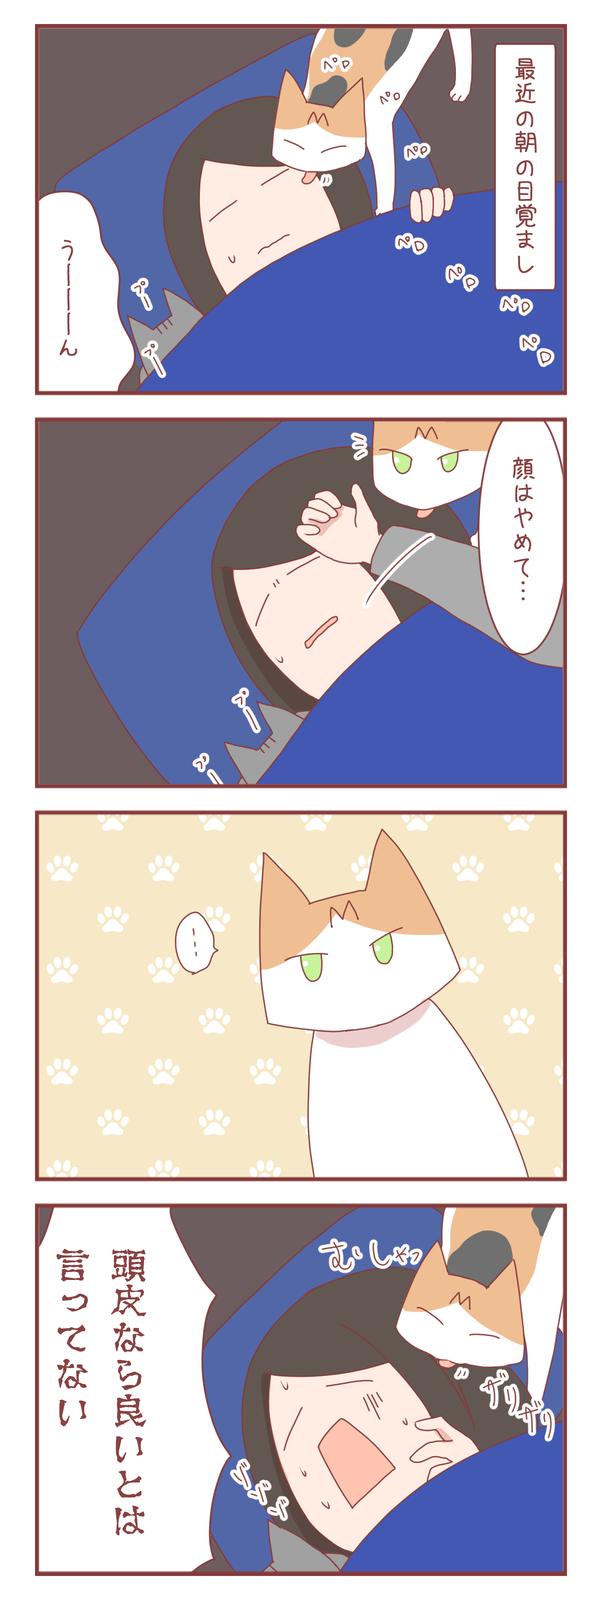 猫は人間の言葉をかなり理解してる気がする